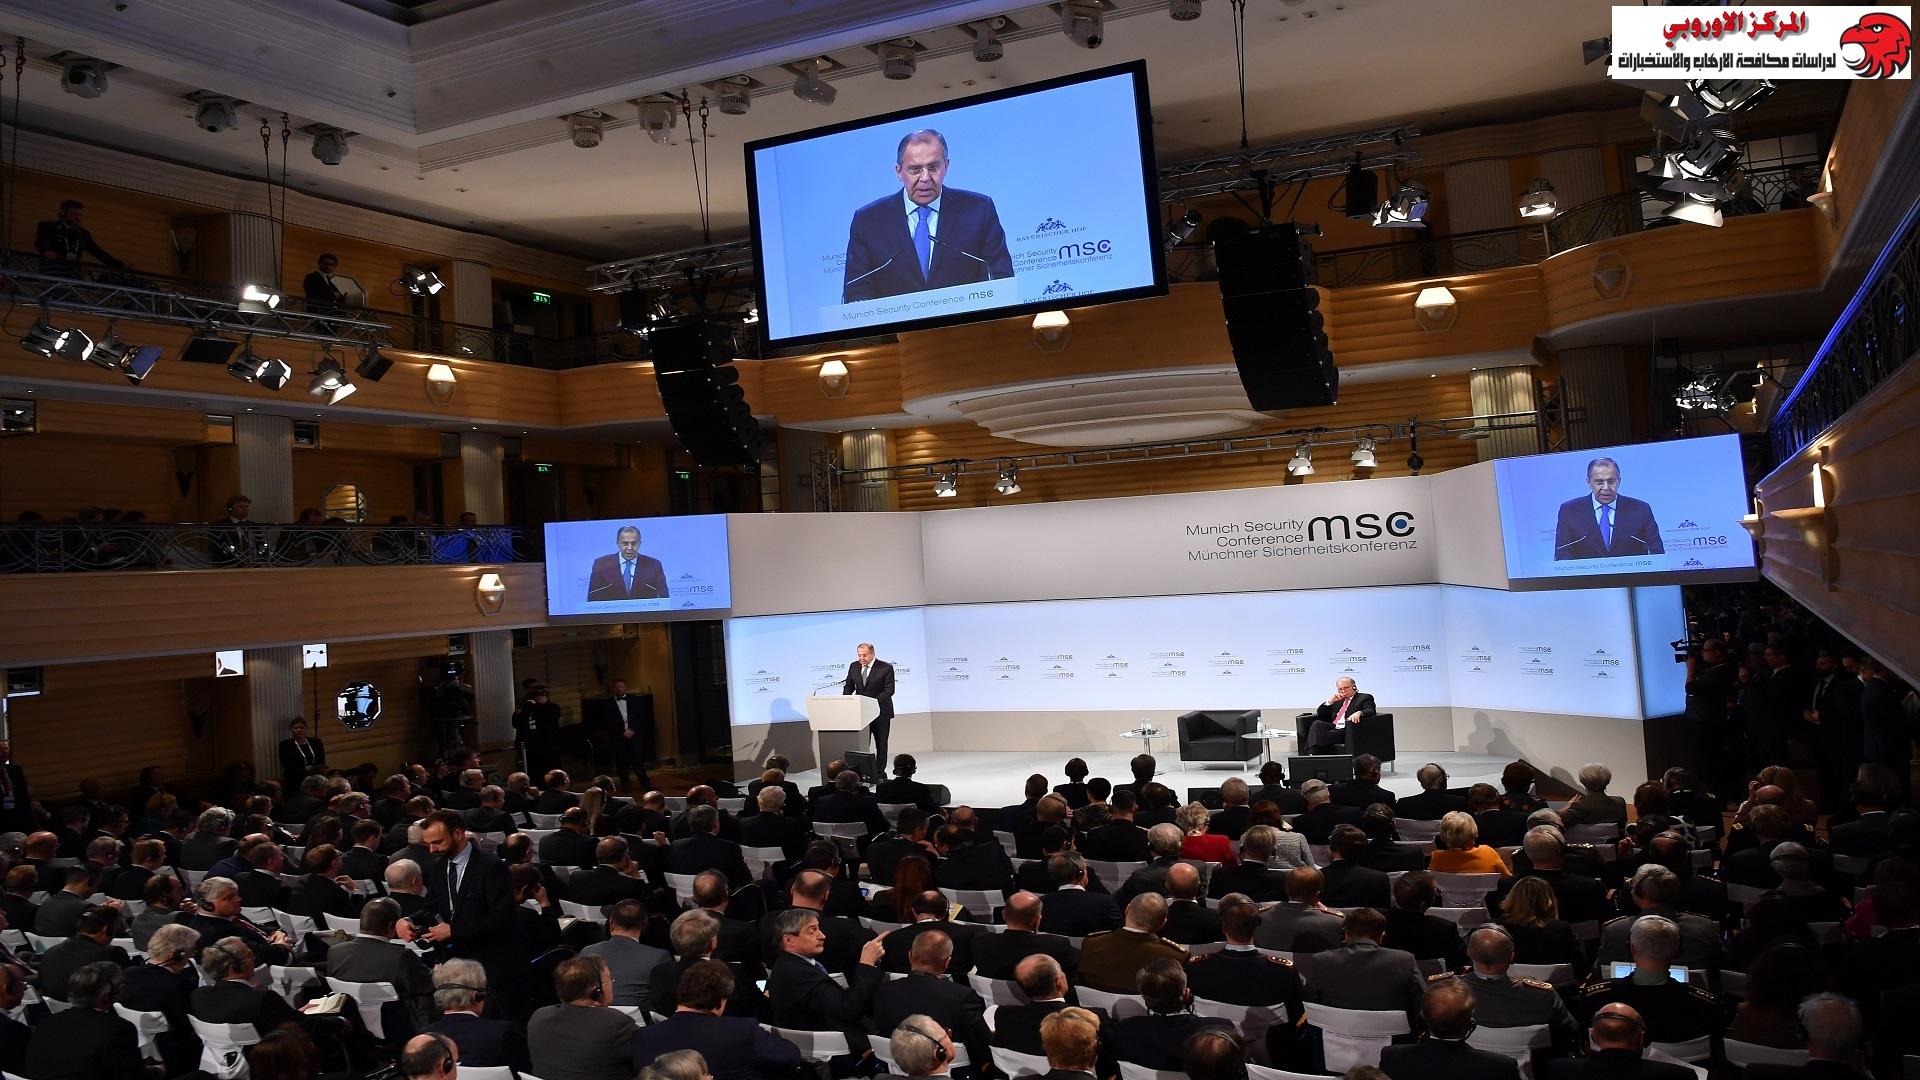 هكذا جائت خلاصة مؤتمر ميونخ للأمن 2018، قاتمة !